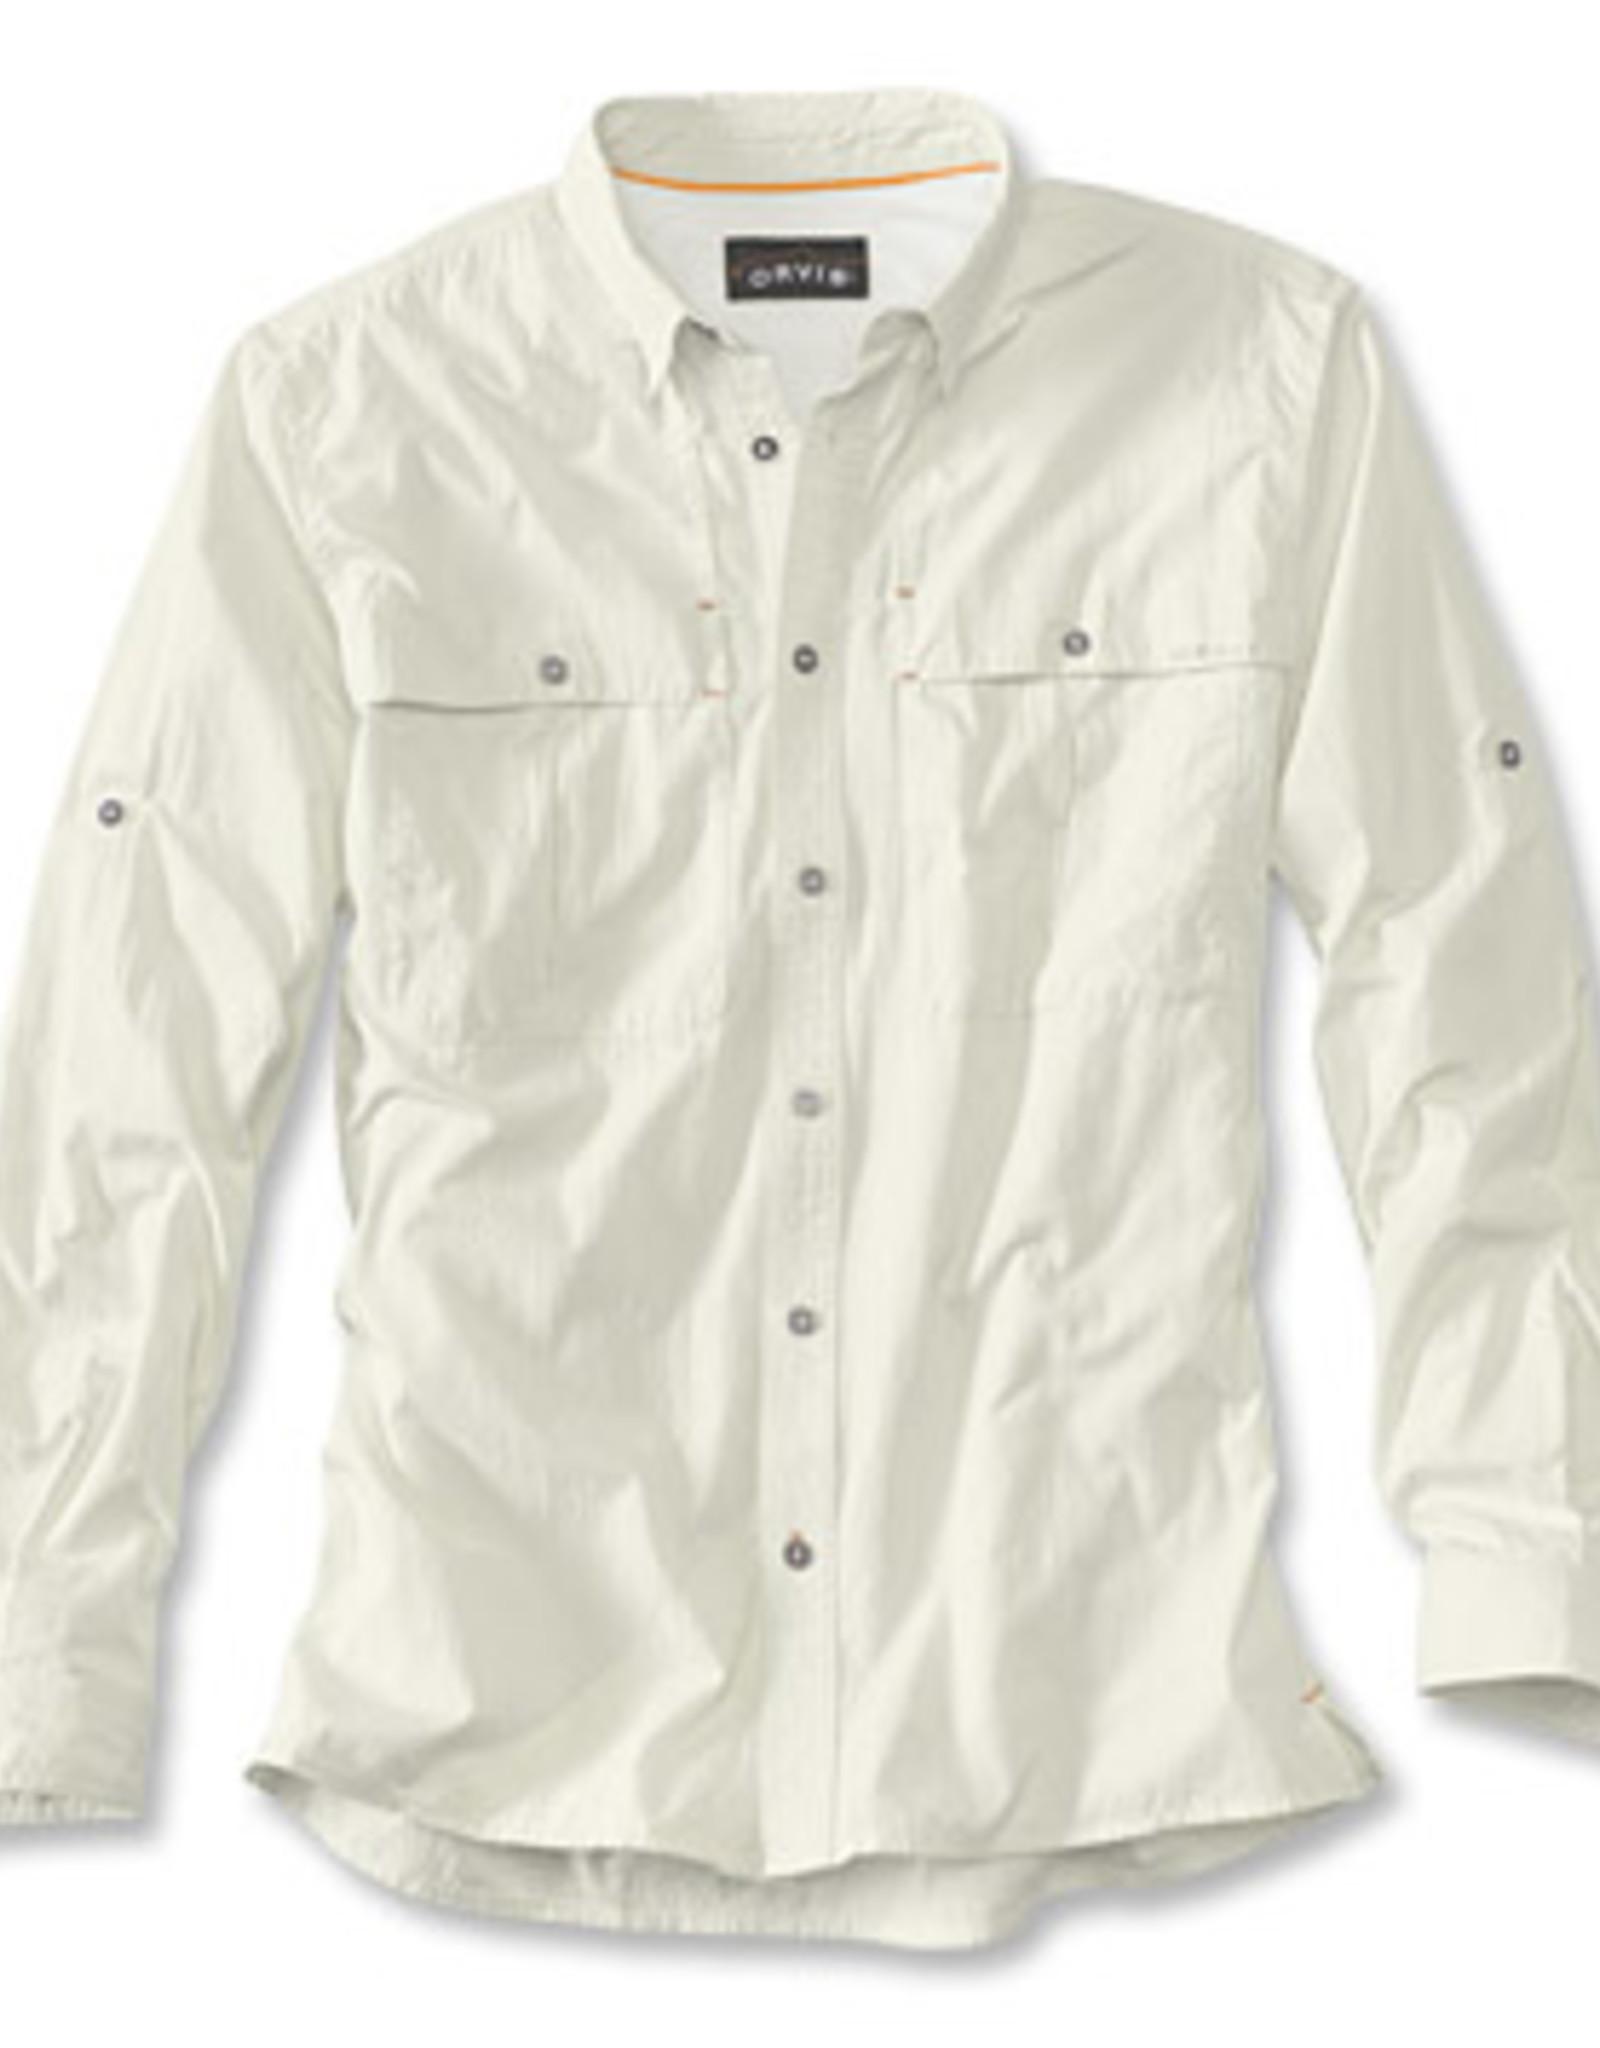 Orvis Men's Open Air Casting Shirt L/S